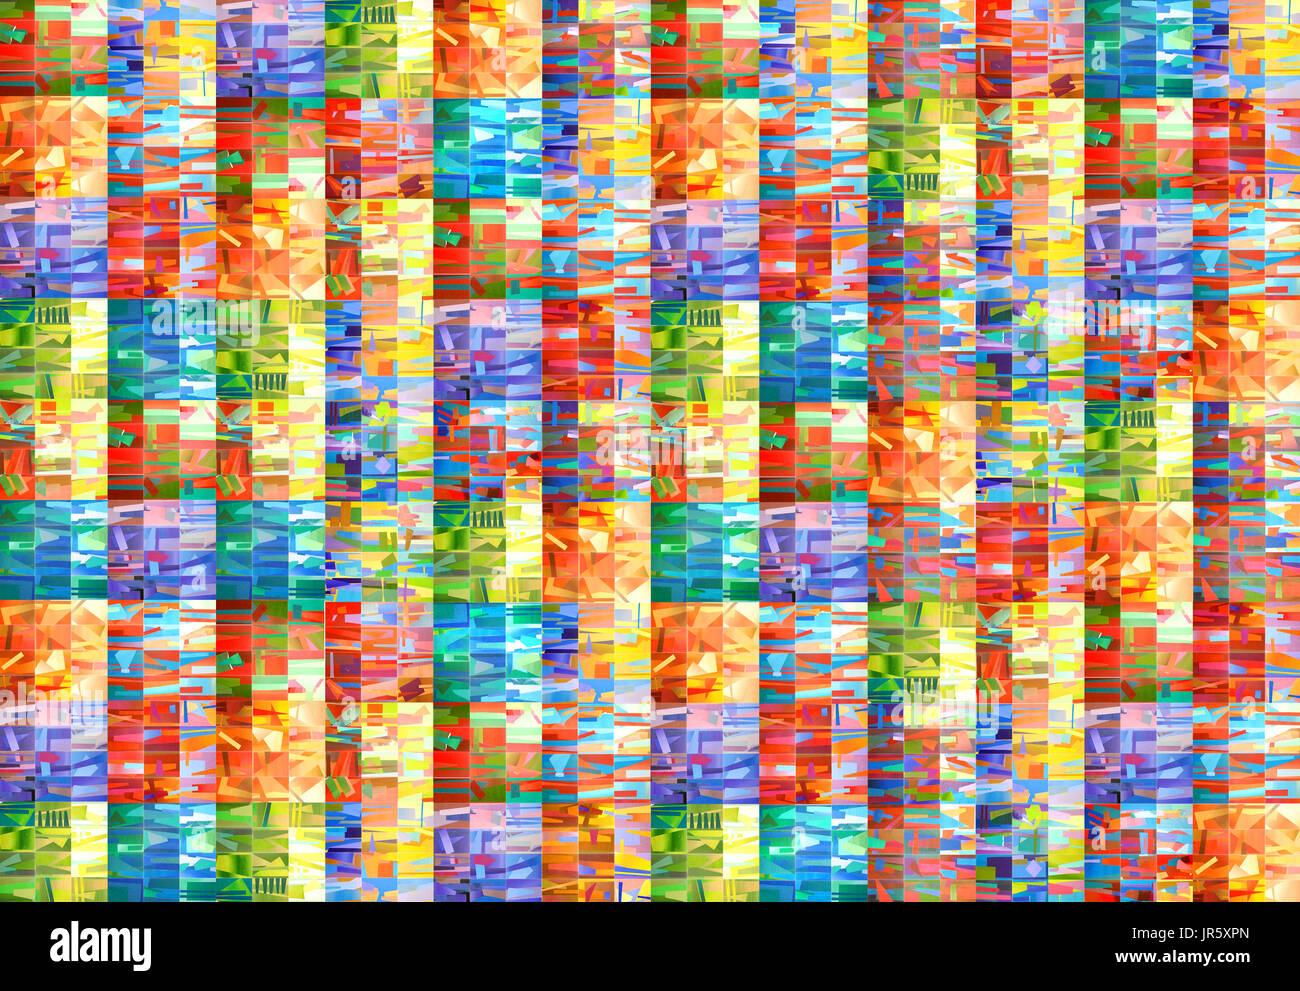 Disegnata a mano multicolore disegno ad acquerello. Fatte a mano sfondo geometrico di quadrati colorati o pixel Immagini Stock